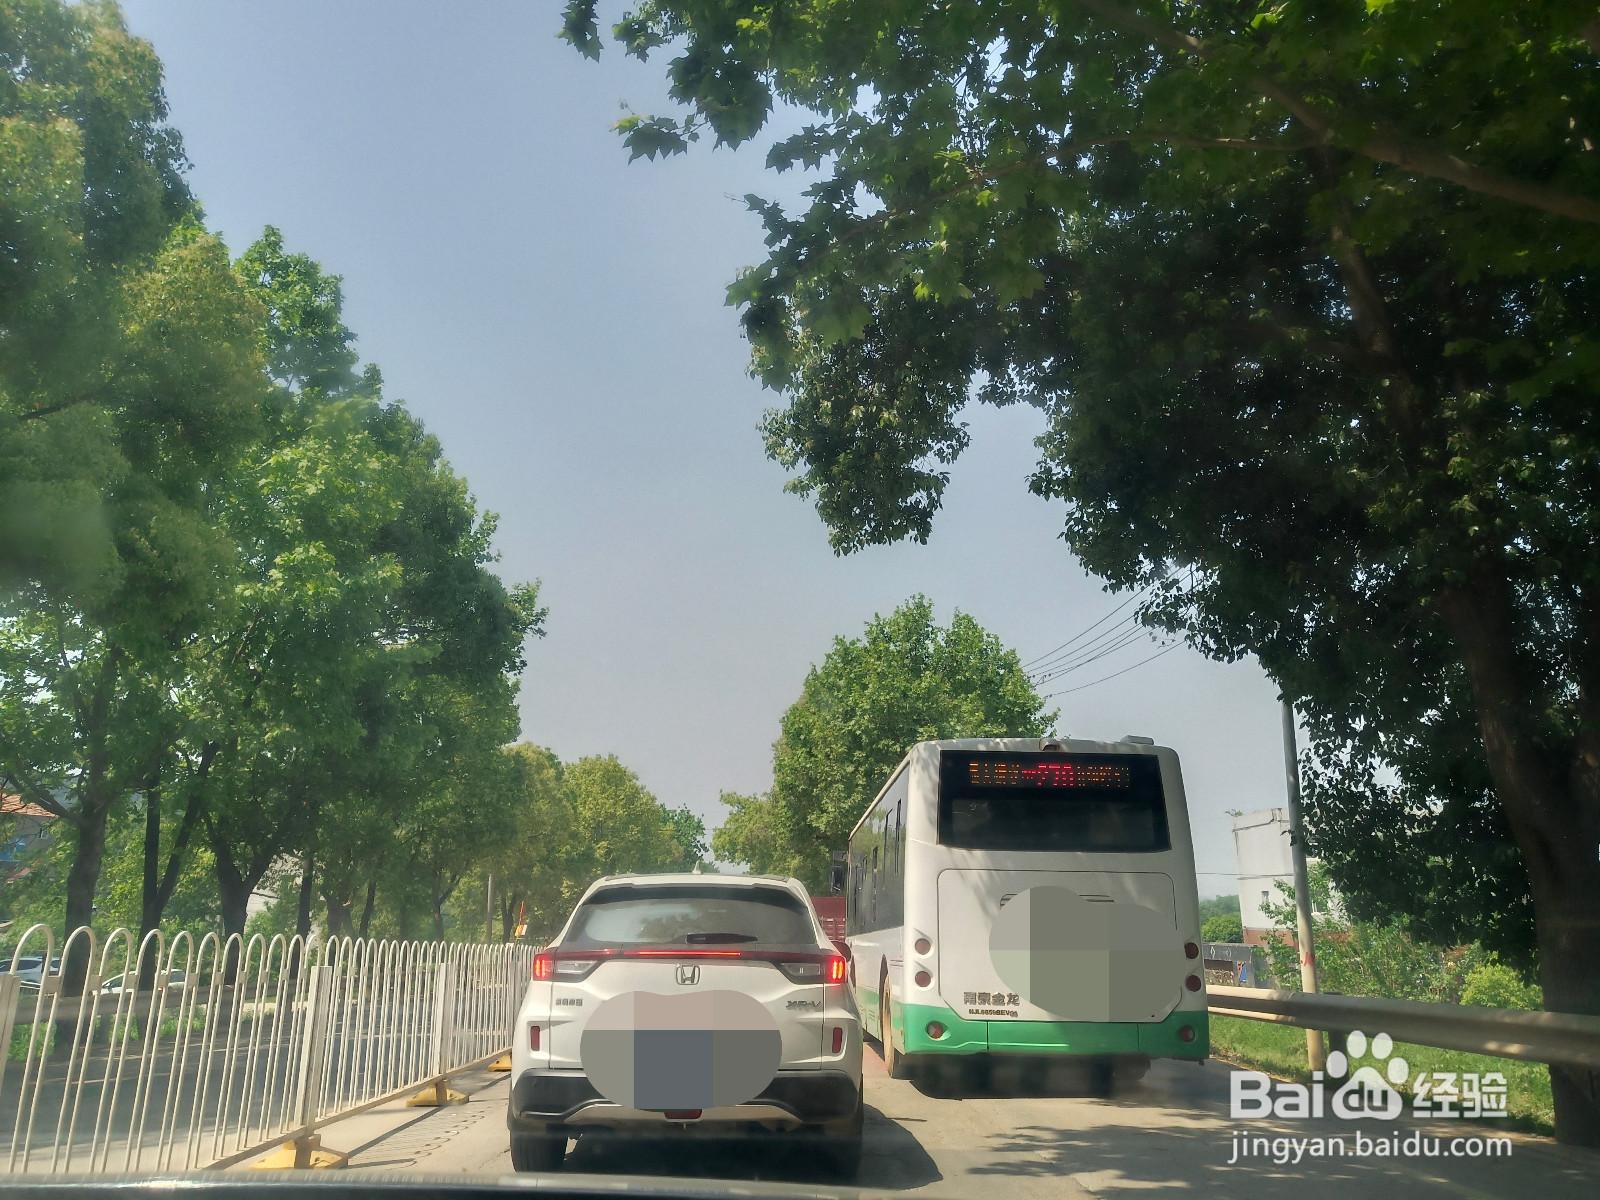 金龙水寨生态乐园旅游攻略